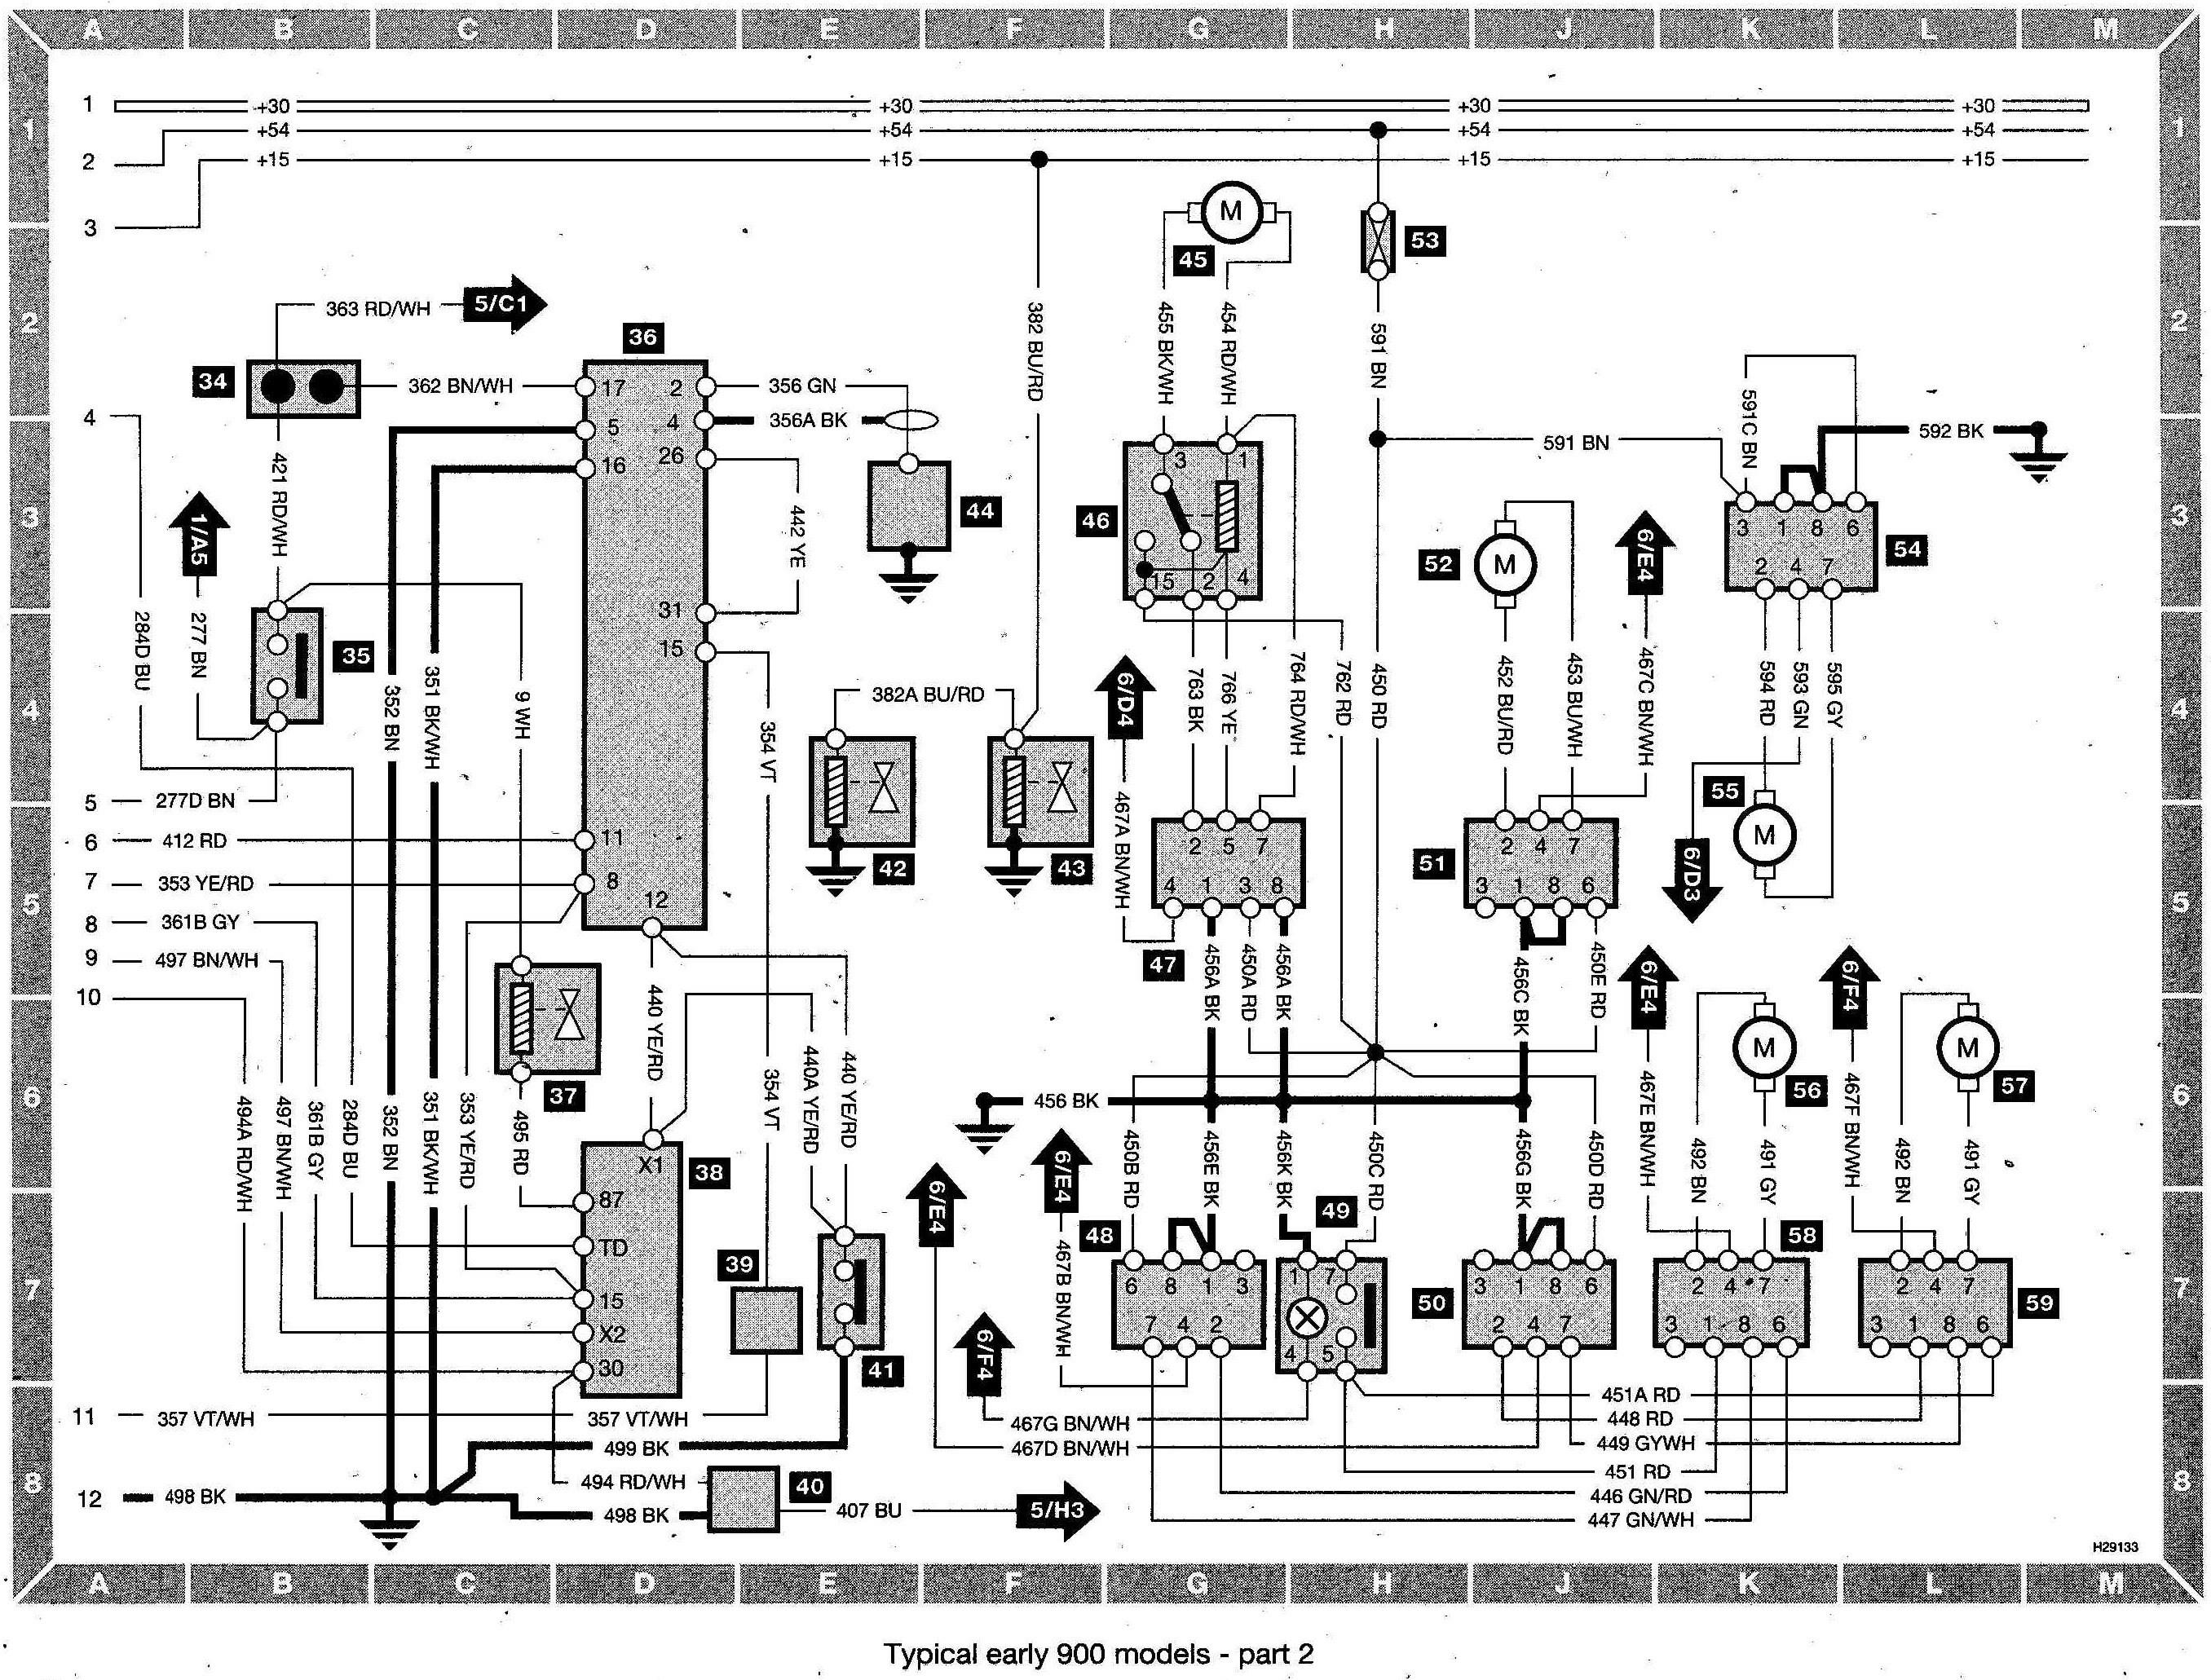 Saab 93 Stereo Wiring 80d Saab 9 3 Aircon Wiring Diagram Of Saab 93 Stereo Wiring